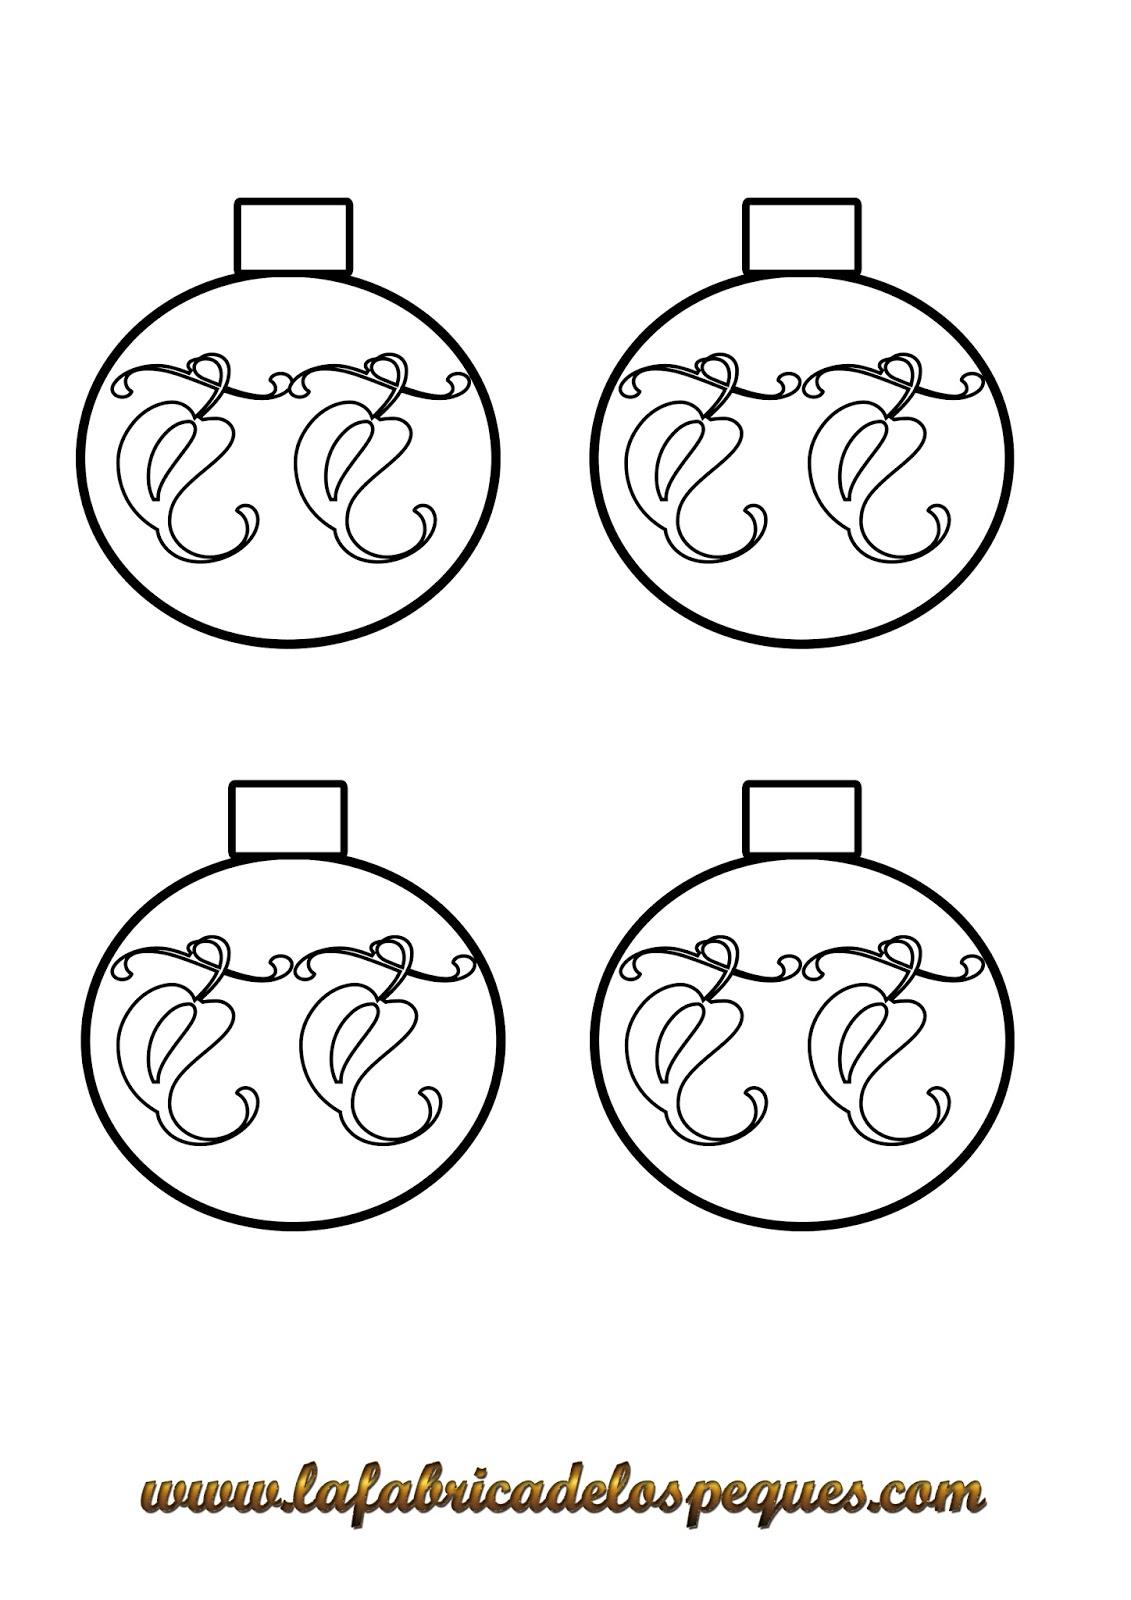 Imprimibles y moldes navideños gratuitos - La fábrica de los peques